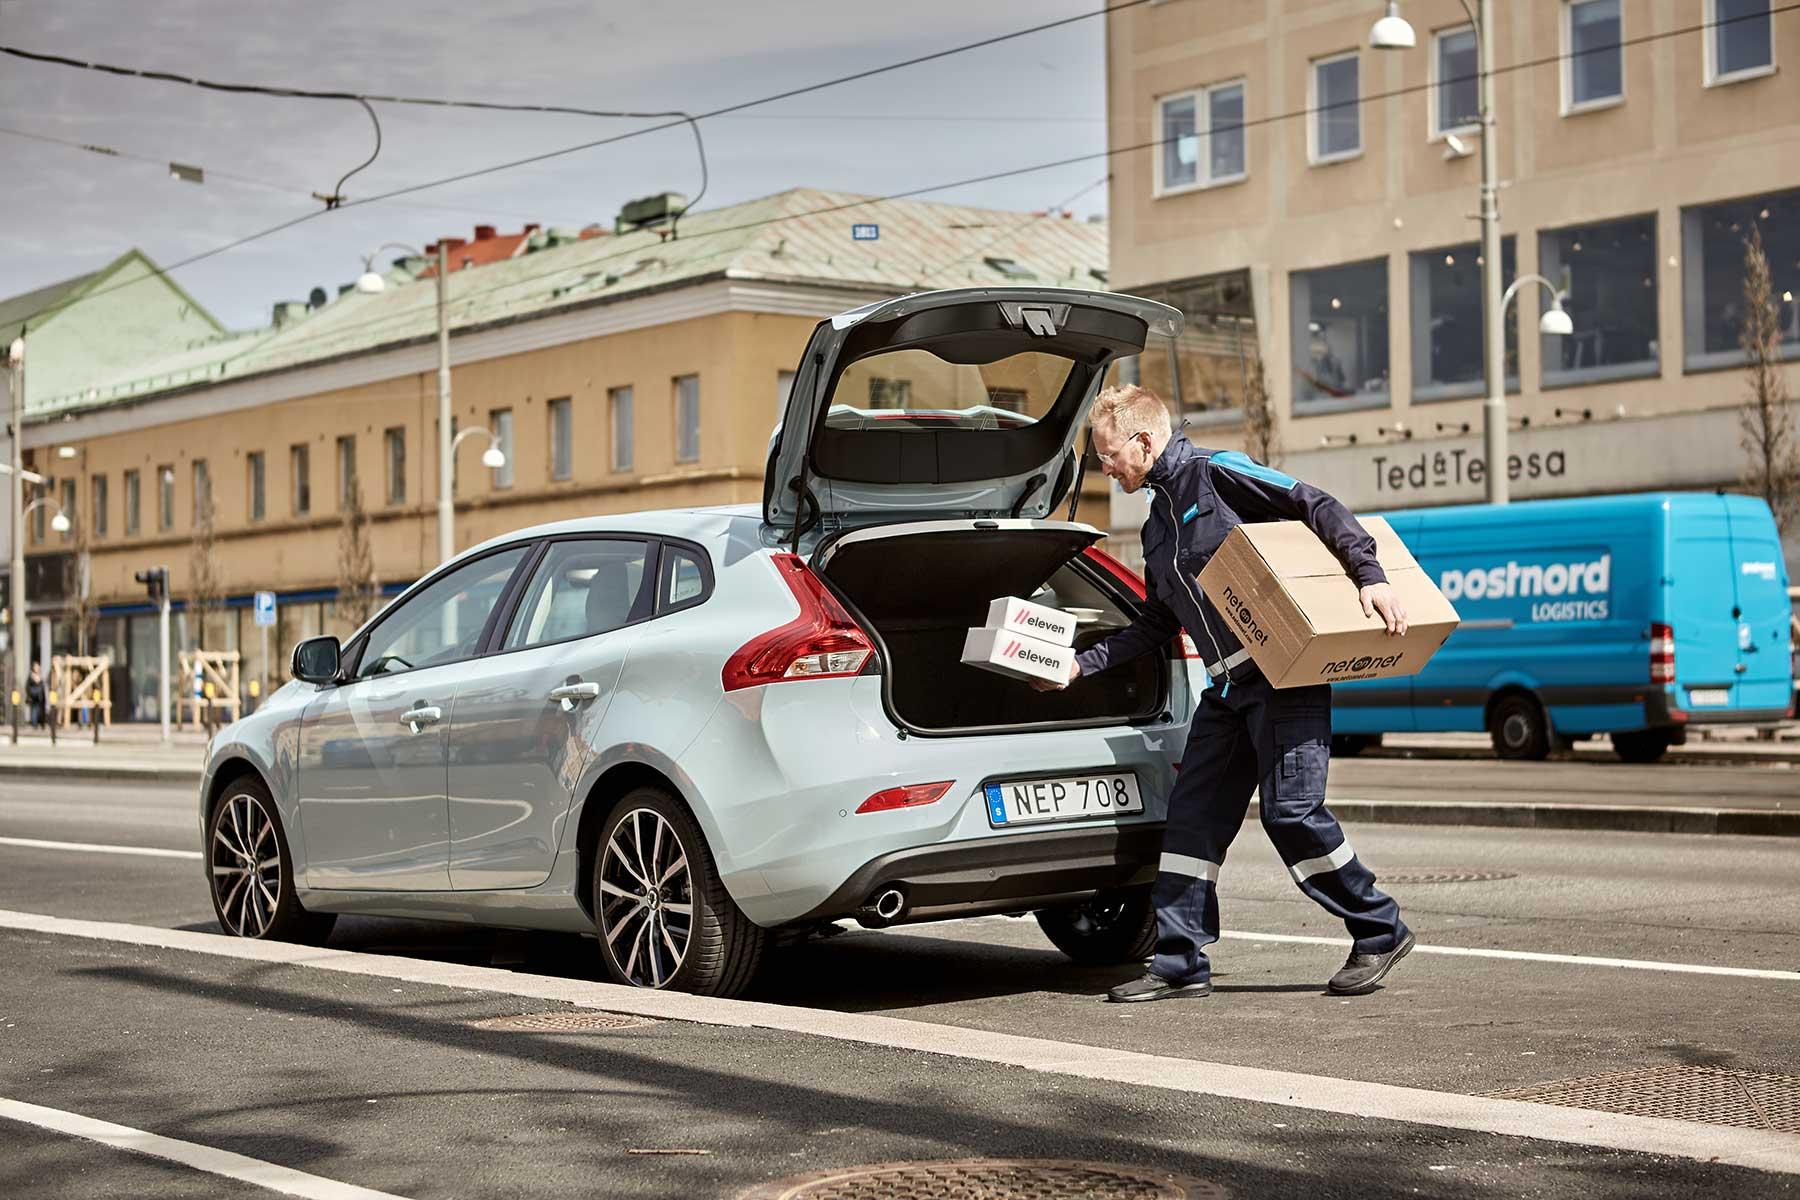 """""""Stelt"""" med utlämningsställen - erbjuder leverans till bil"""